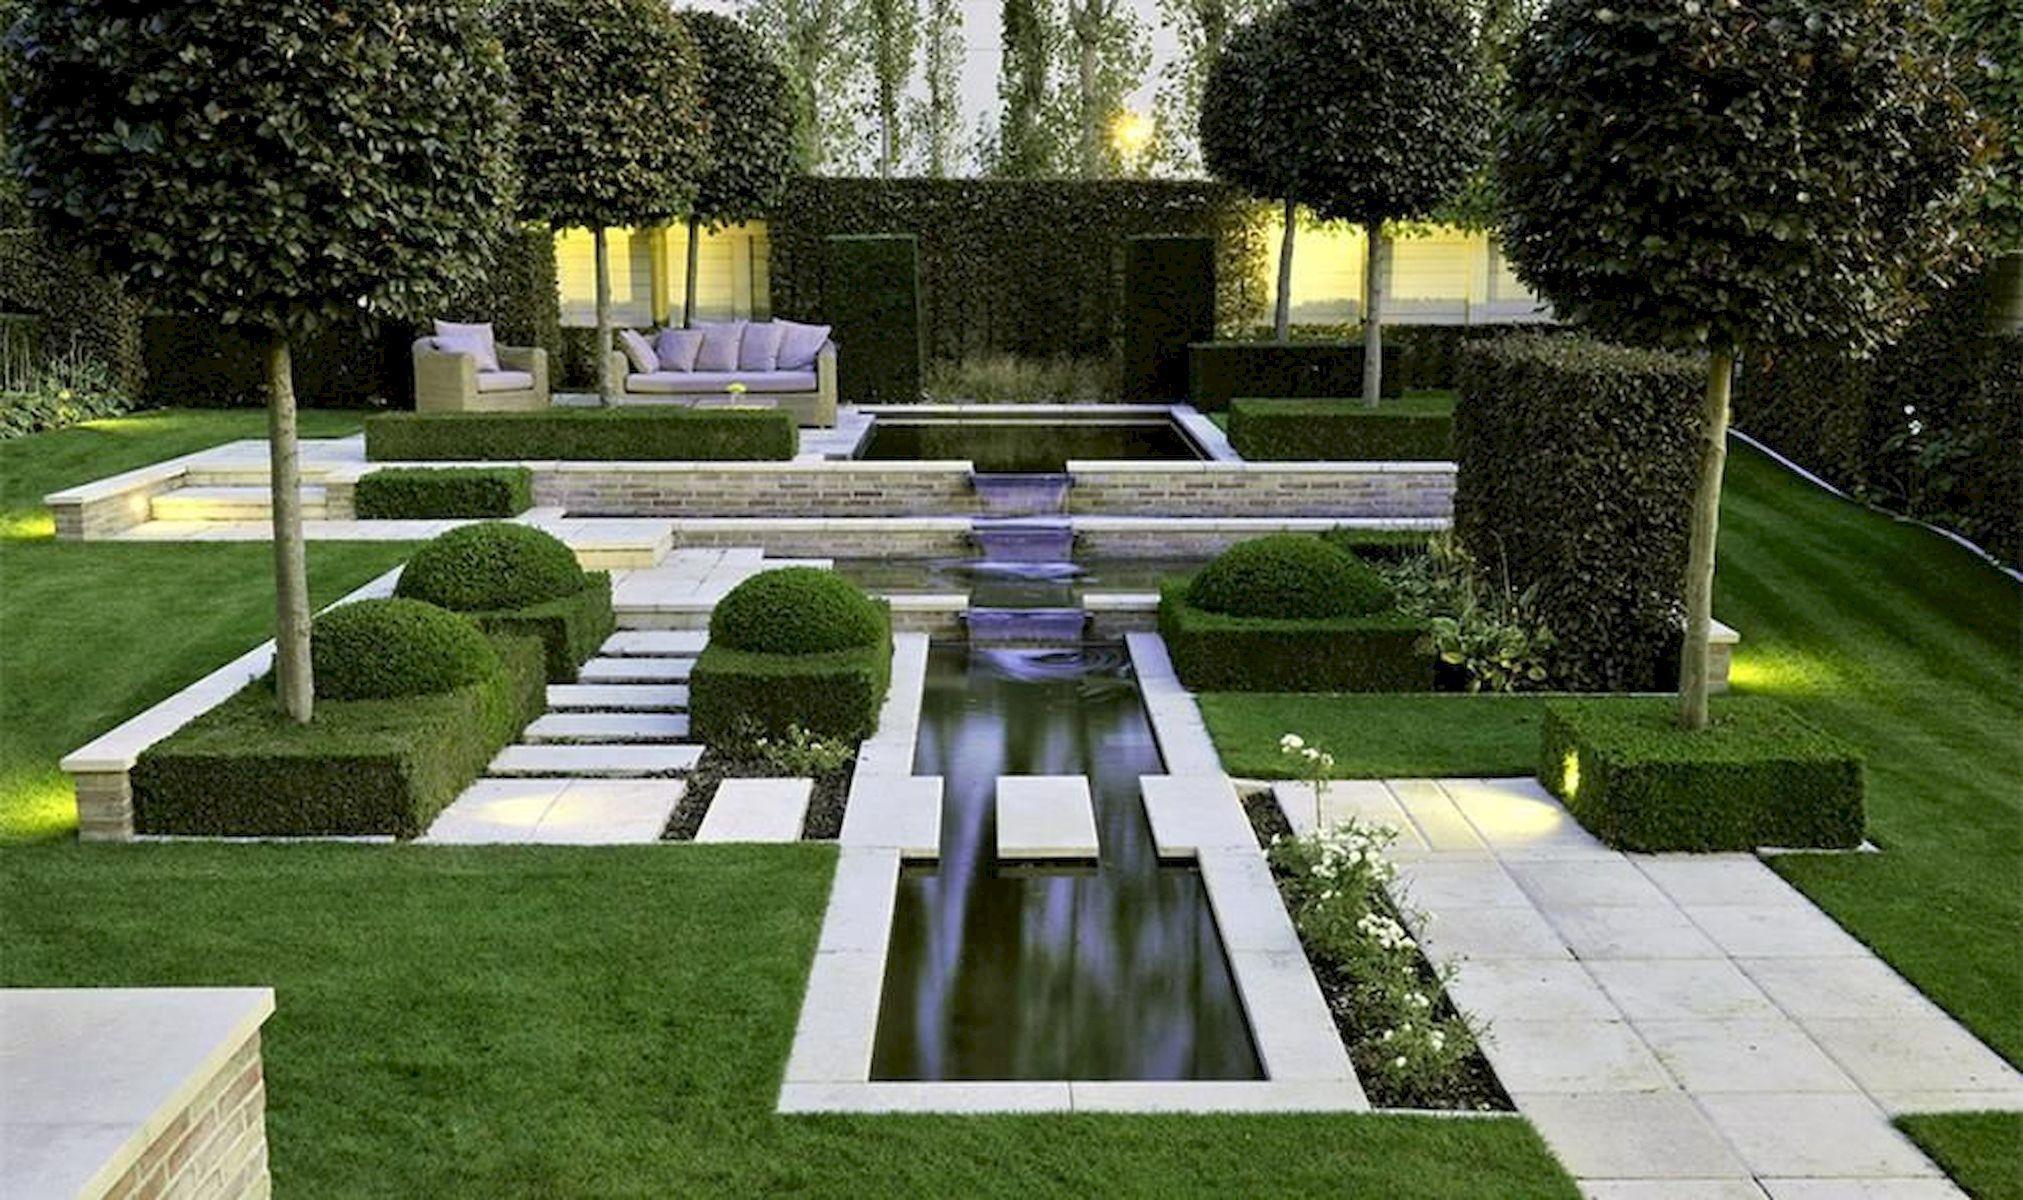 Pin By Cheryl Singh On Garden Design Architecture Landscape Design Garden Design Layout Garden Design